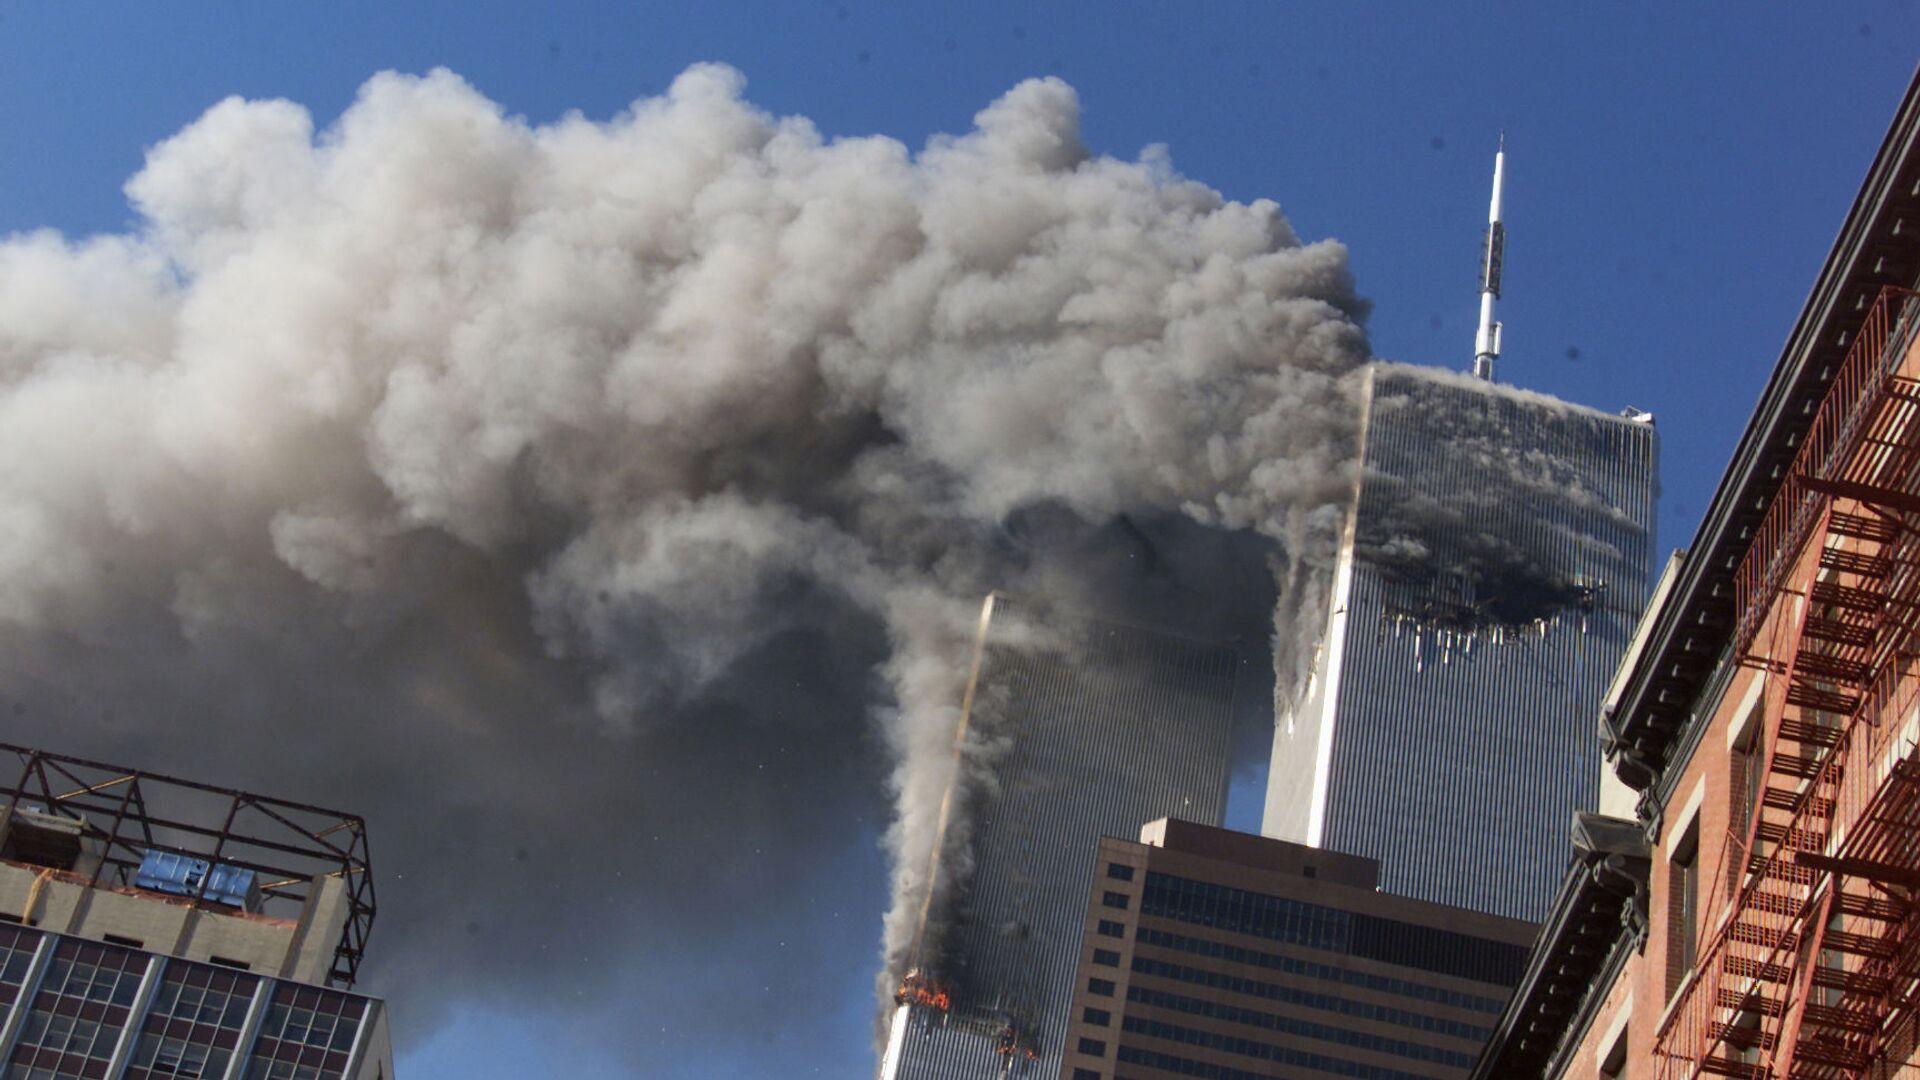 Εικόνα από τις επιθέσεις της 11ης Σεπτεμβρίου 2001. - Sputnik Ελλάδα, 1920, 11.09.2021